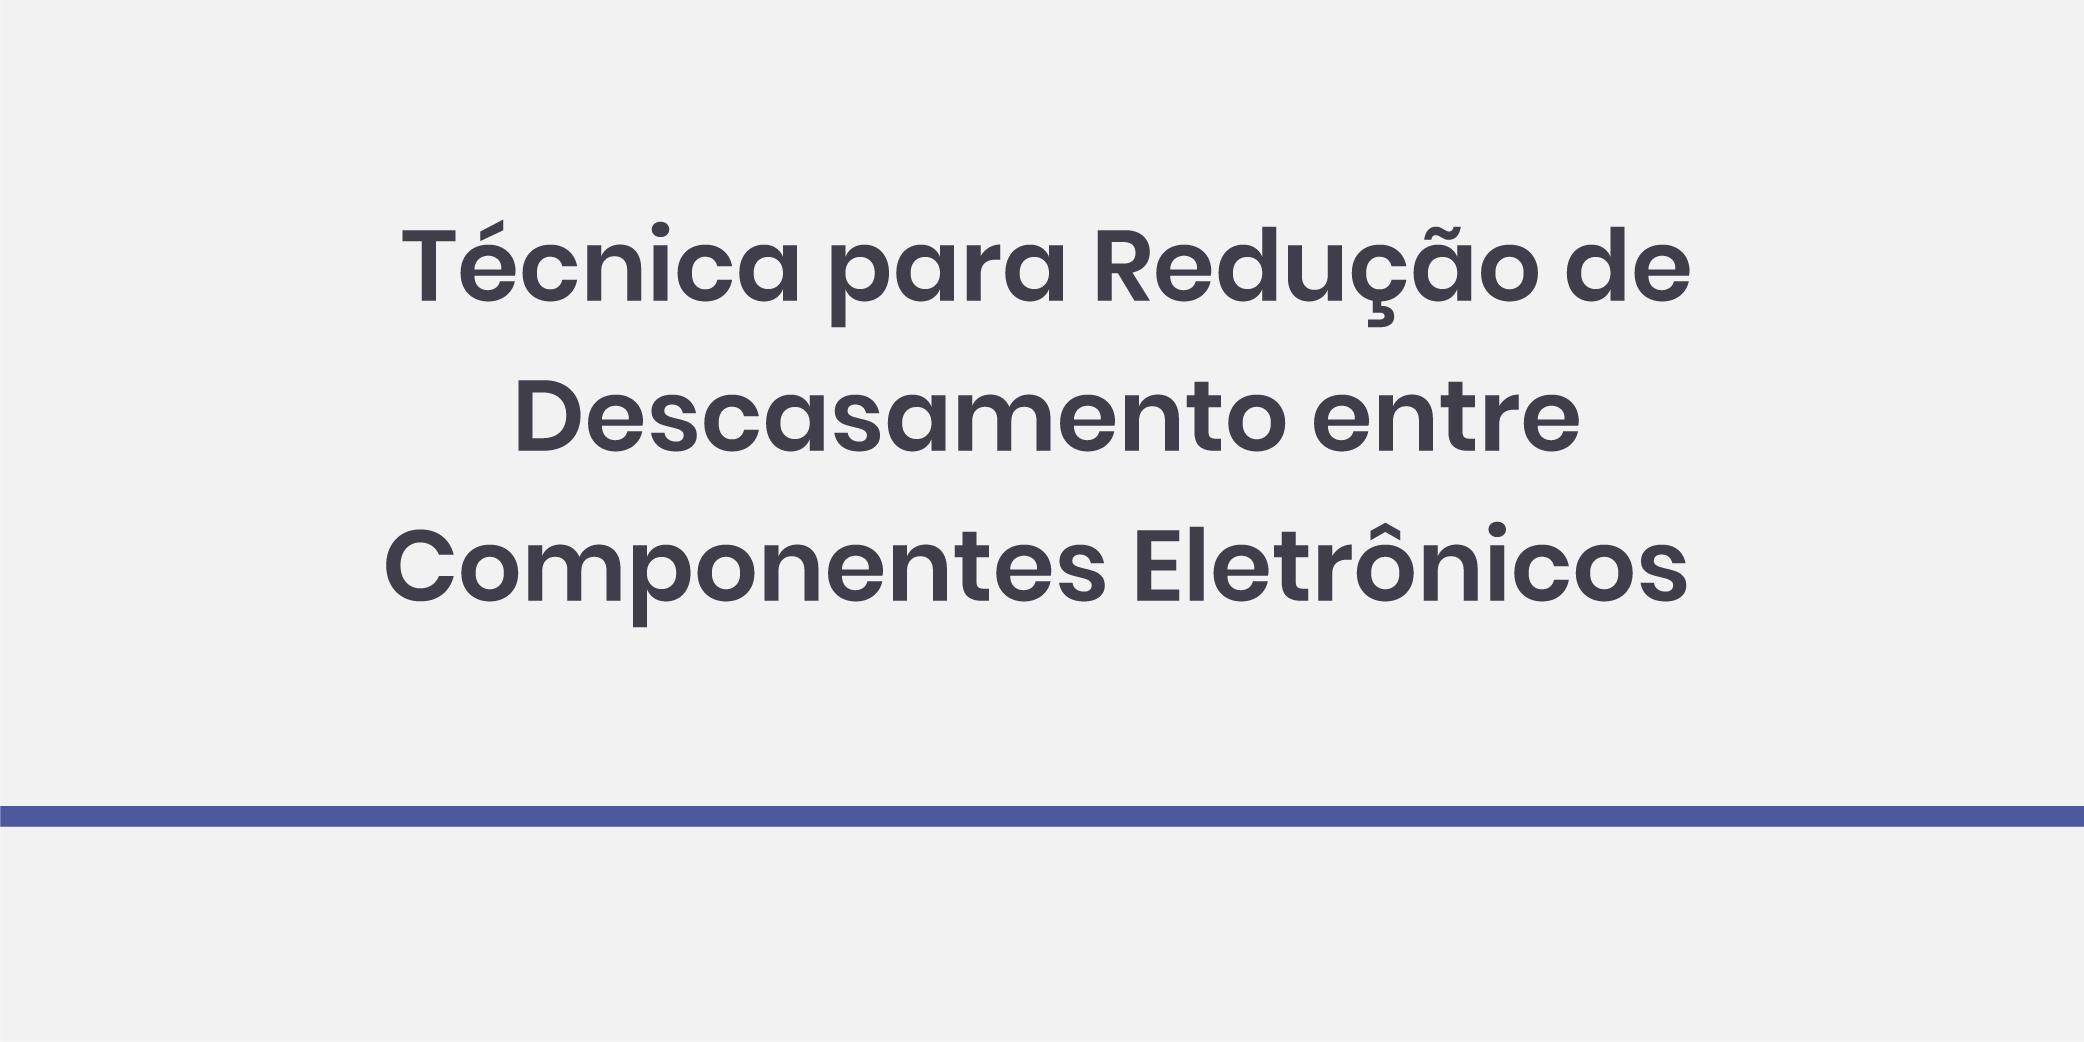 Técnica para Redução de Descasamento Entre Componentes Eletrônicos